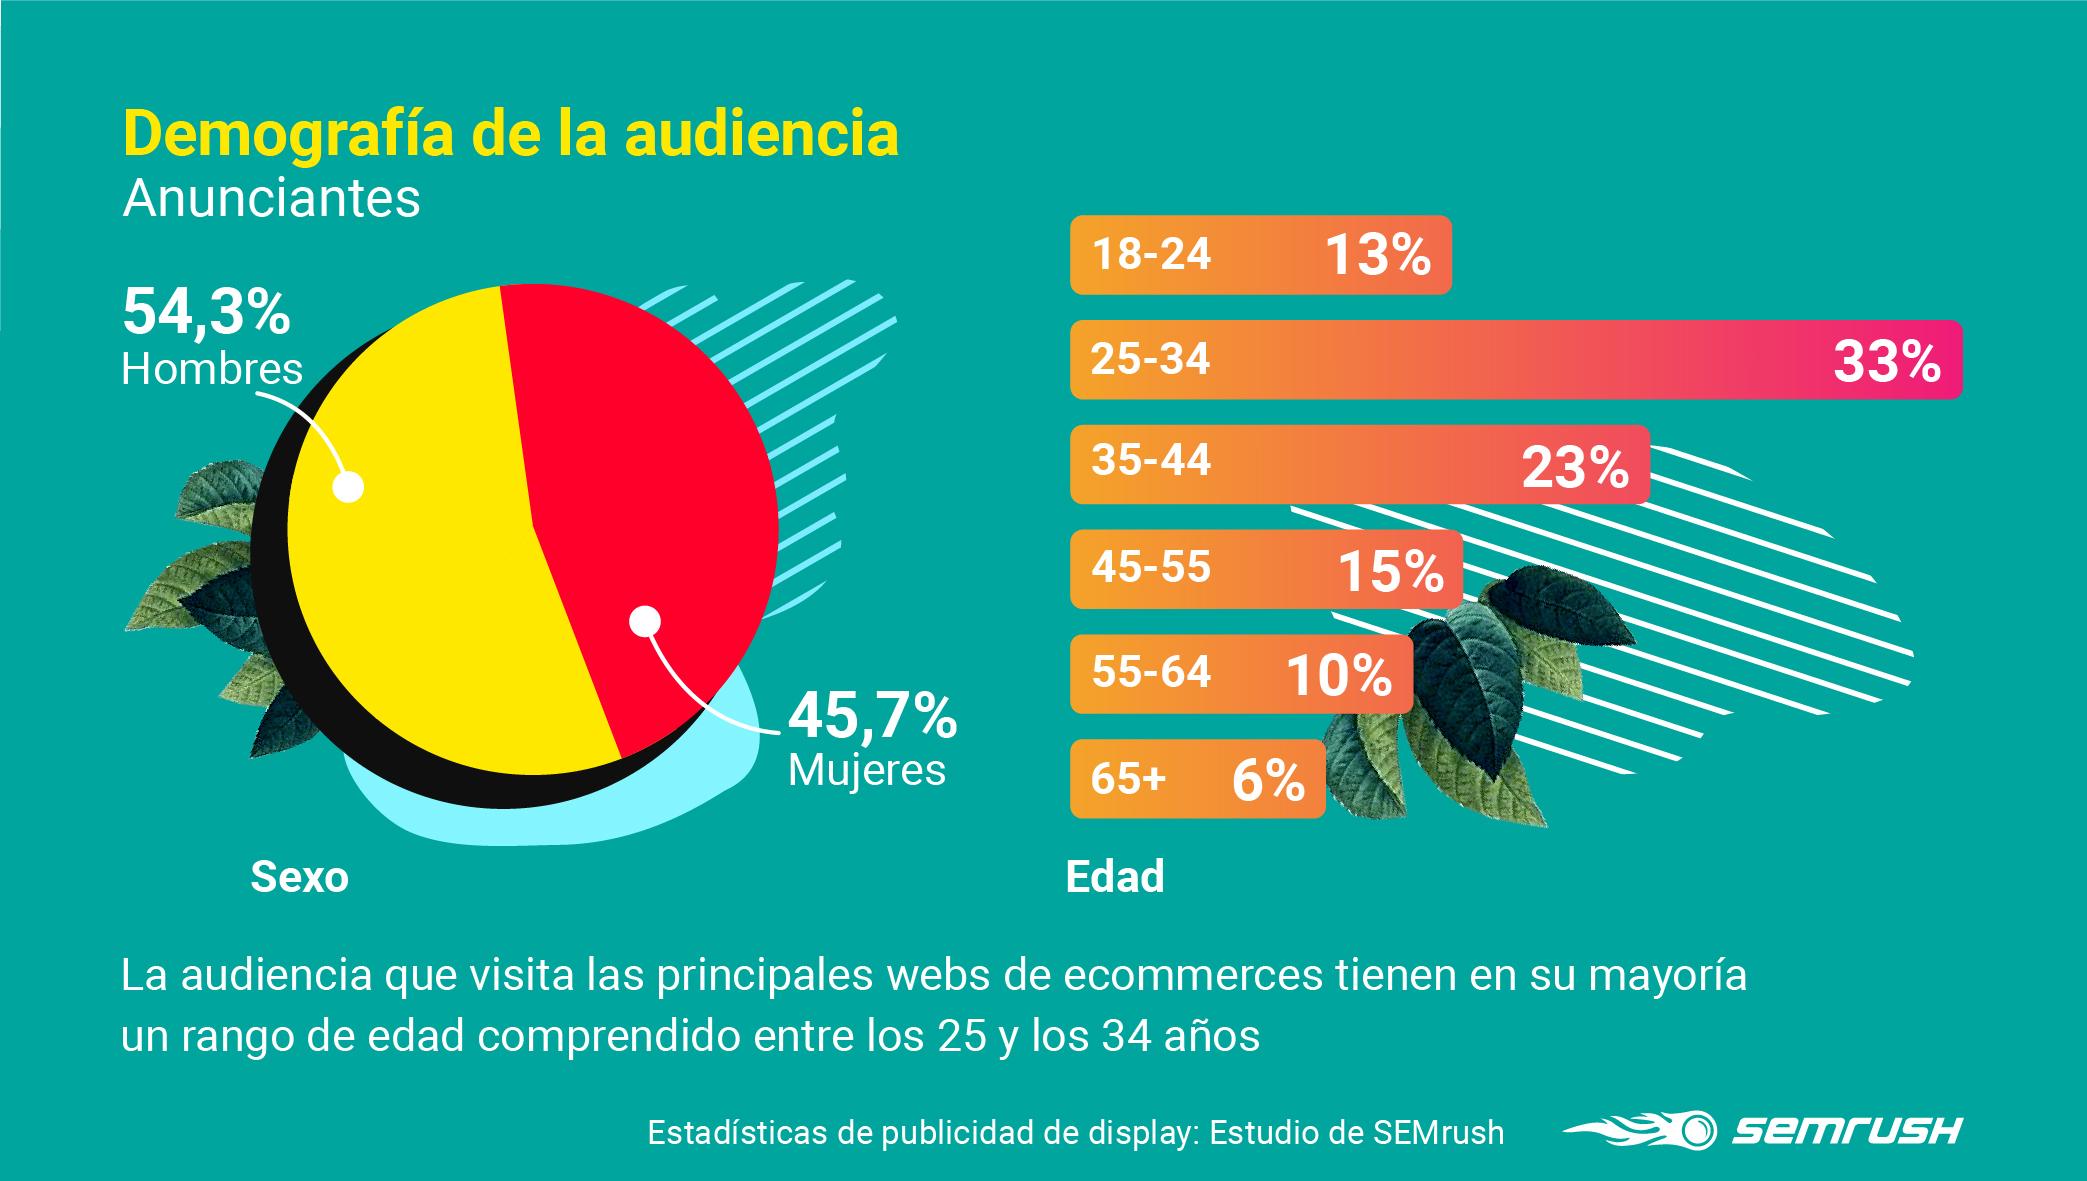 Display advertising - Anunciantes demografía